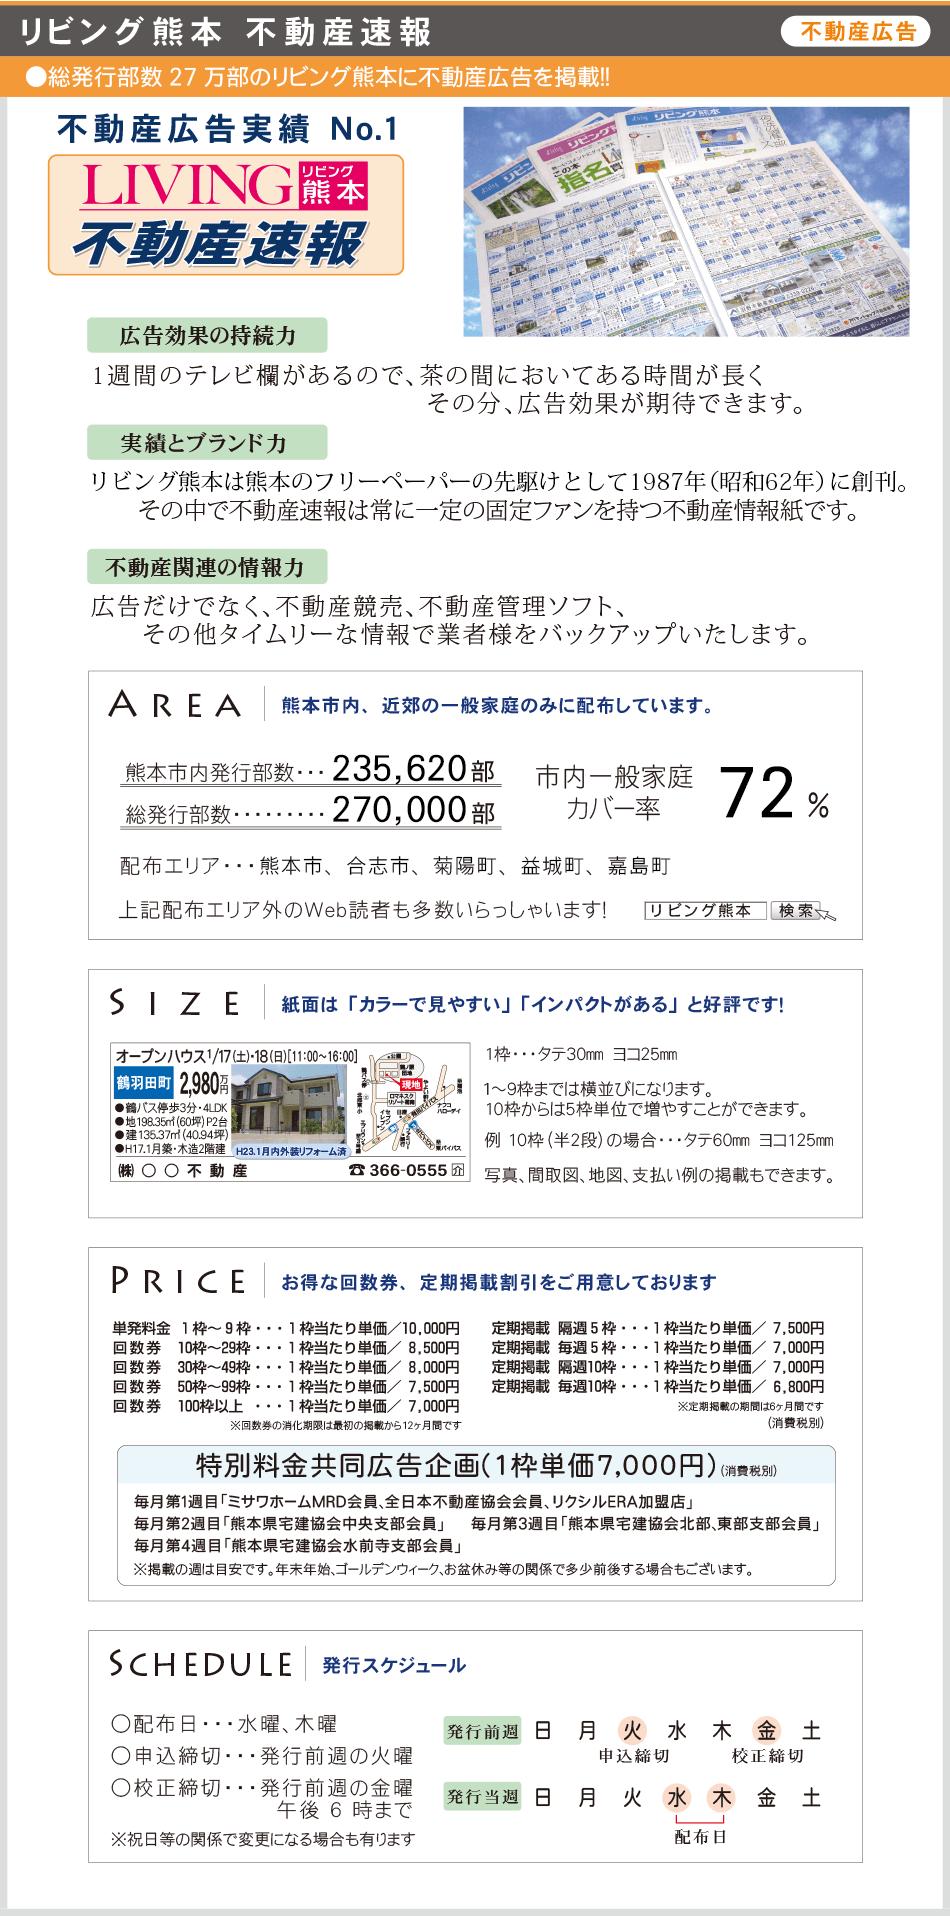 実績No.1、熊本の不動産広告ならリビング熊本「不動産速報」